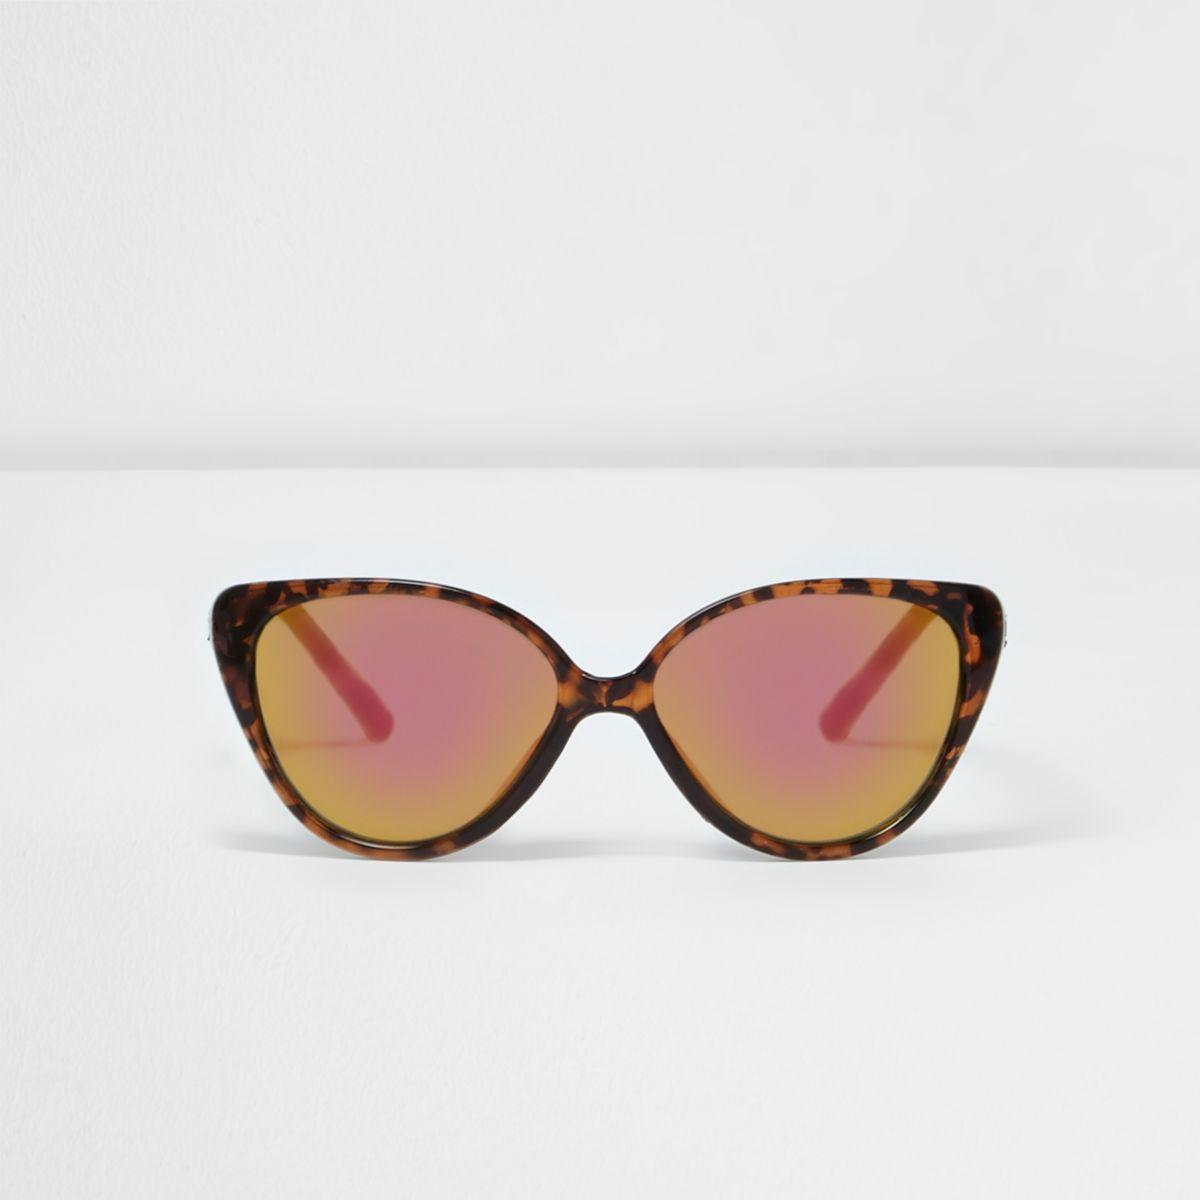 Mini girls brown tortoiseshell sunglasses